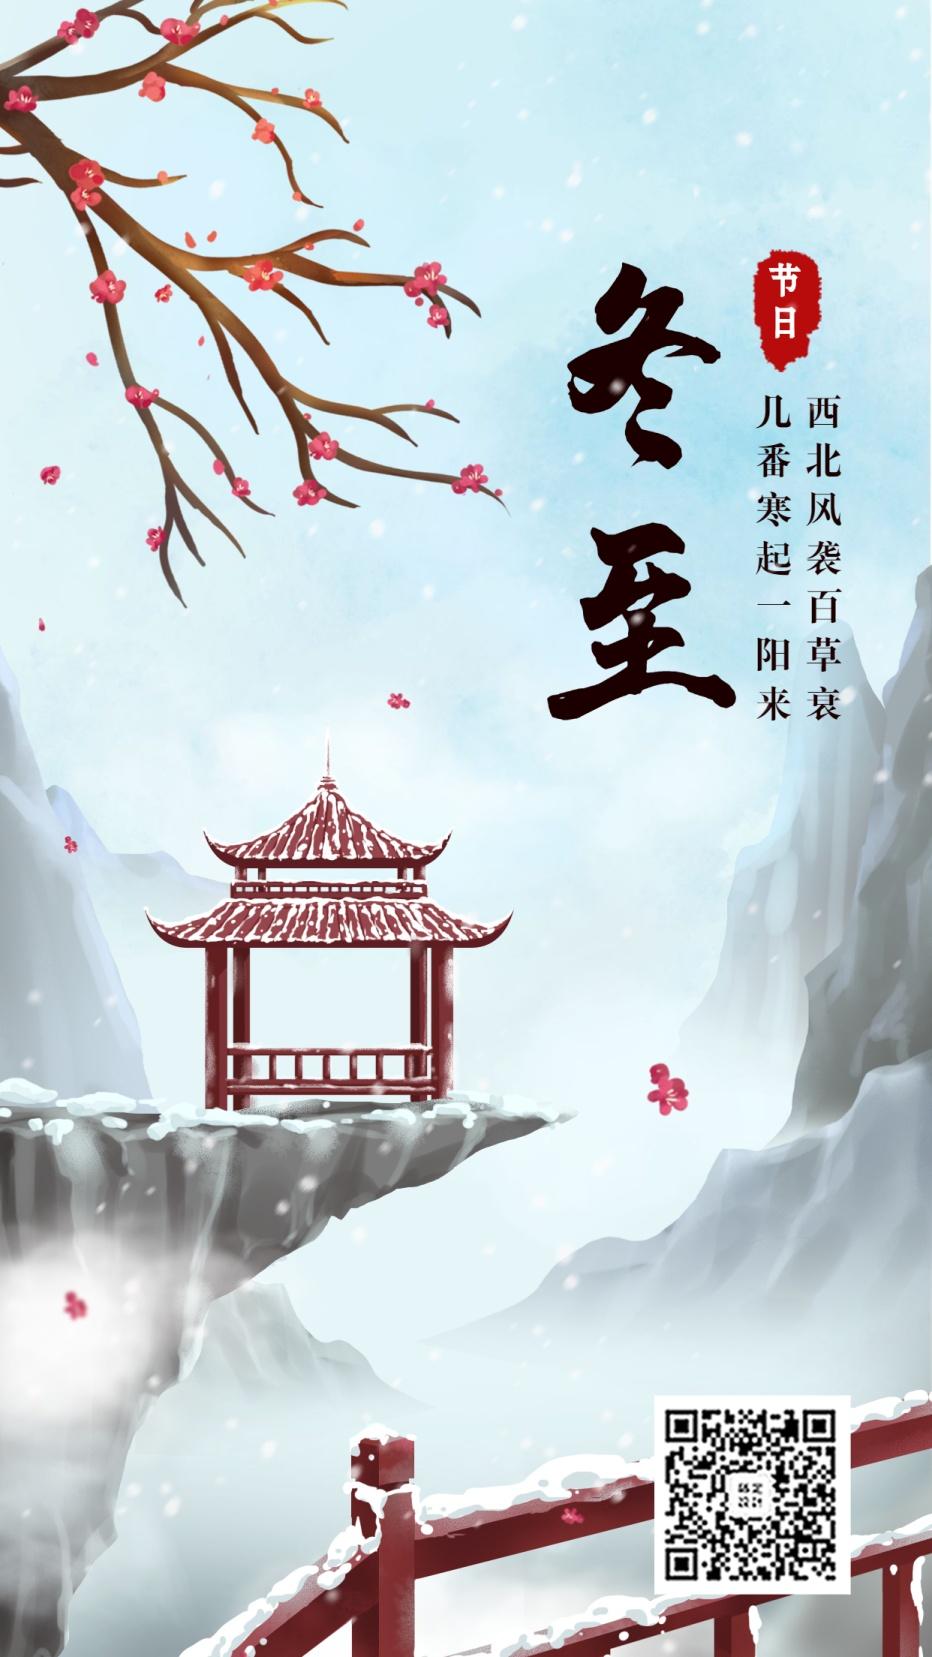 冬至中国风古风手绘风景插画手机海报